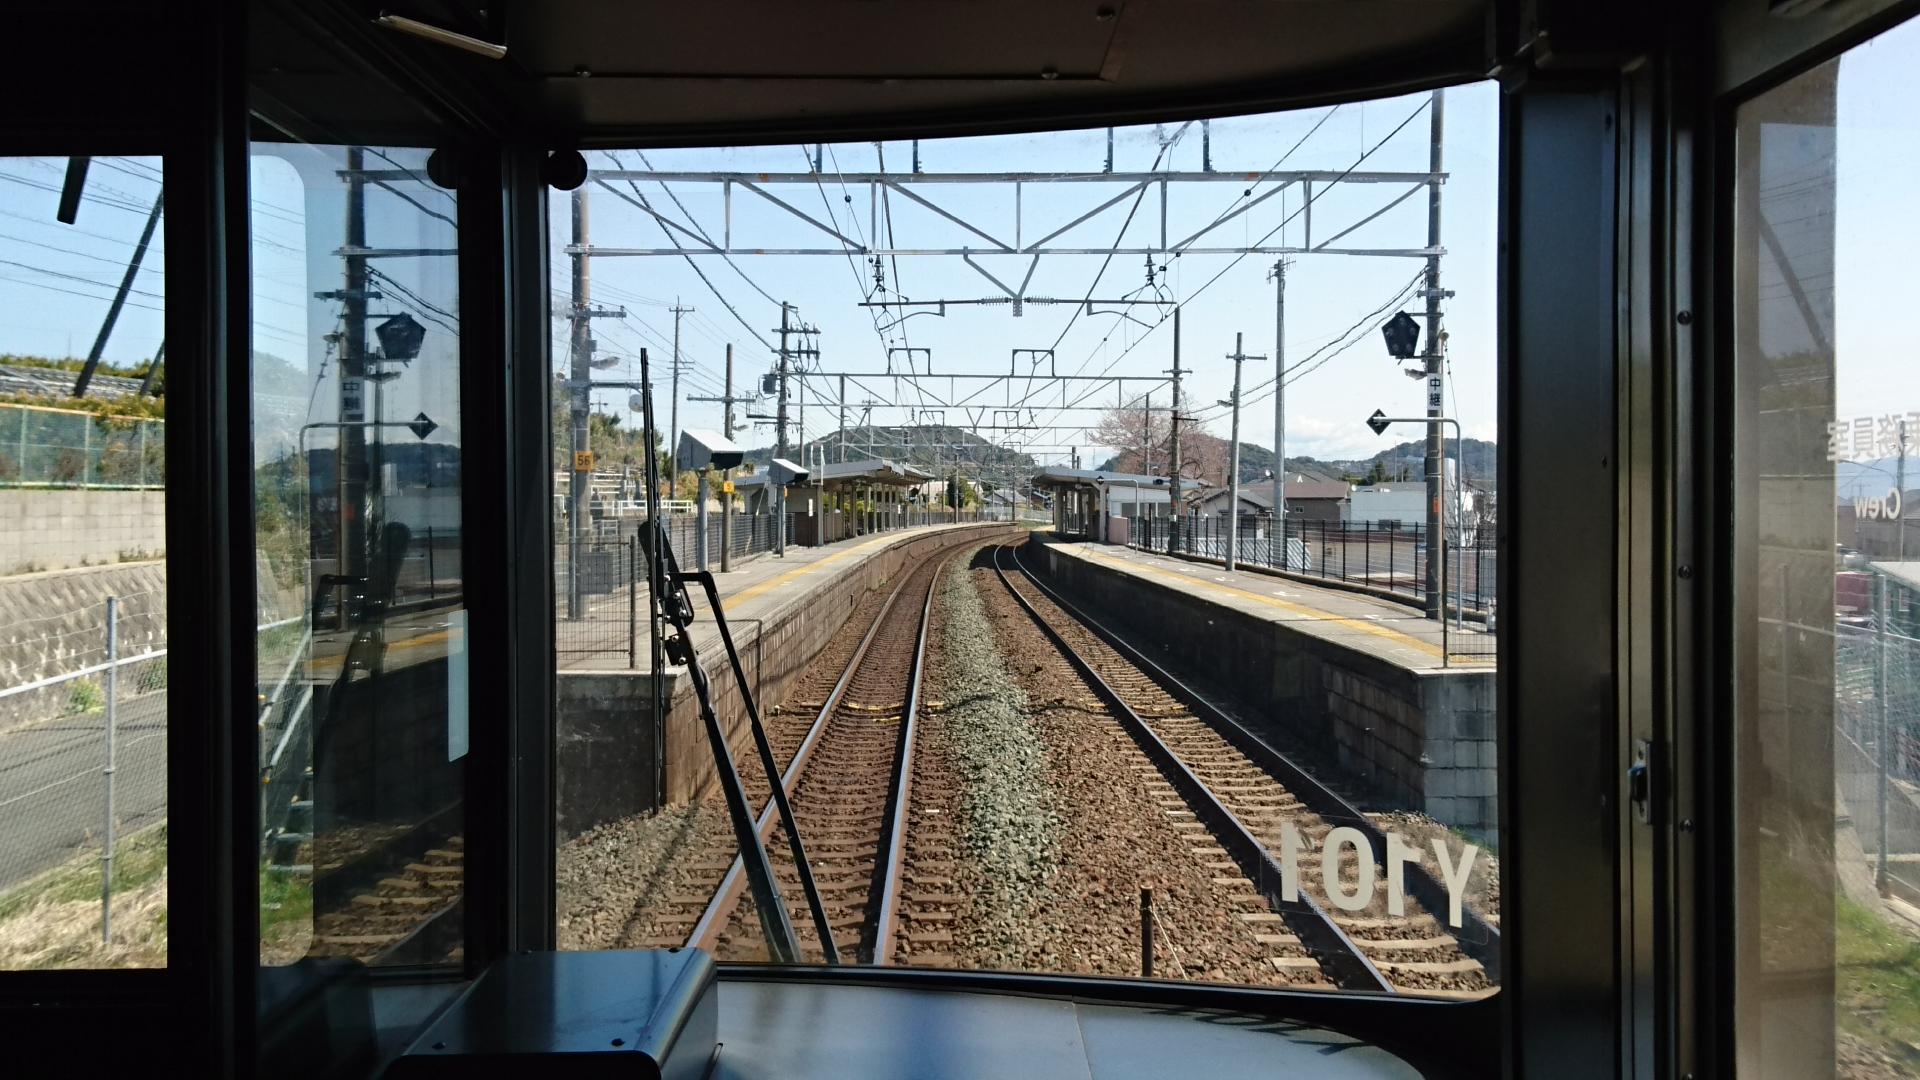 2018.3.23 東海道線 (17) 豊橋いき快速 - 三河大塚 1920-1080